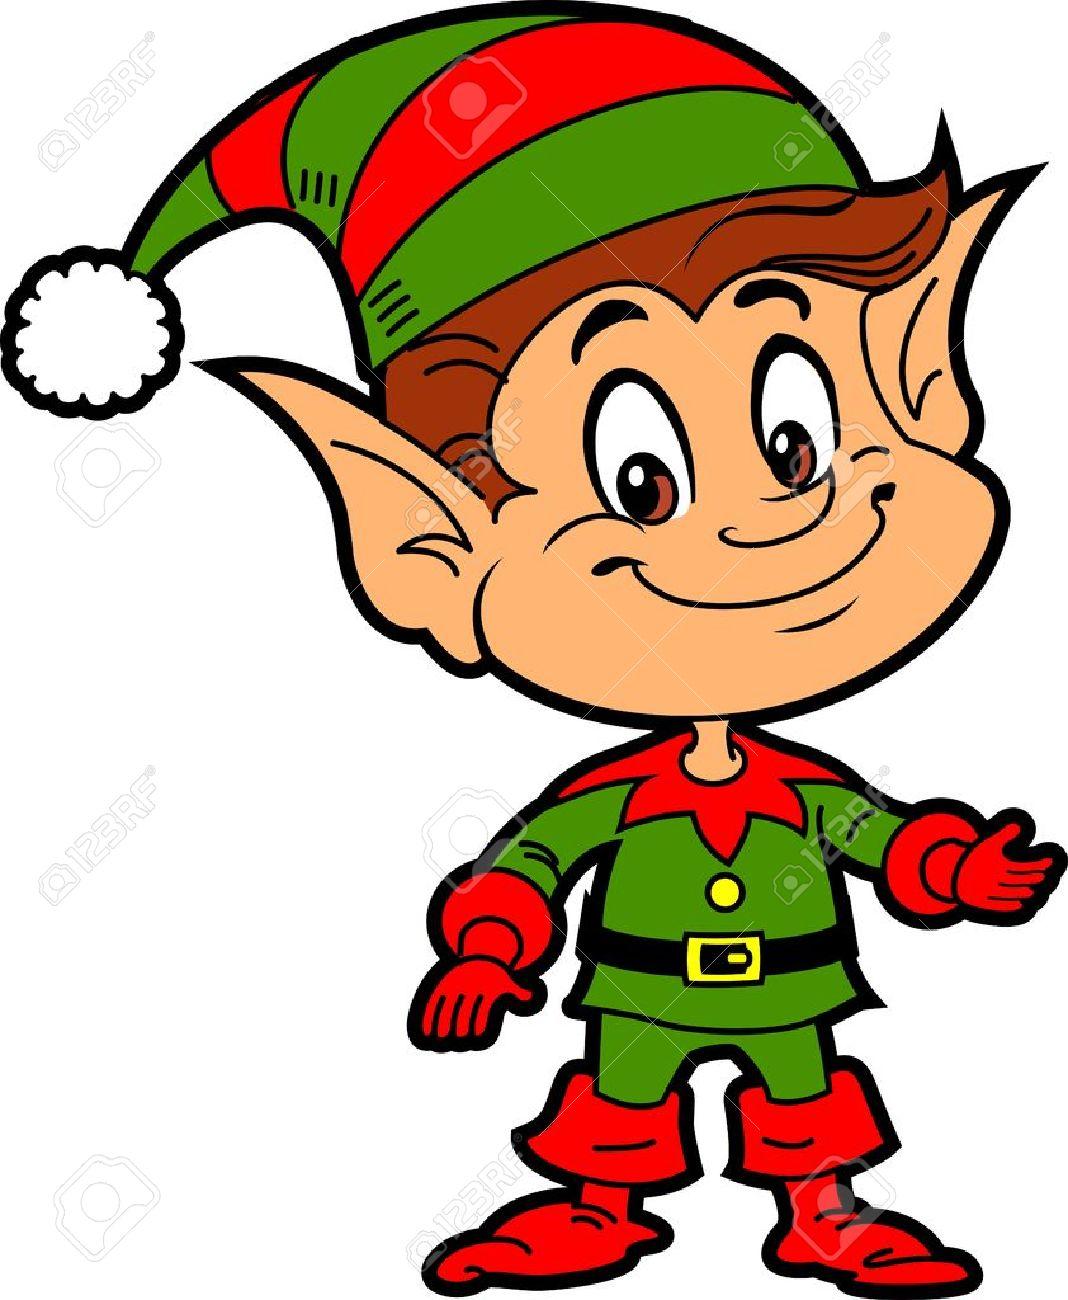 Happy Smiling Boy Christmas Santa's Elf Stock Vector - 20686105